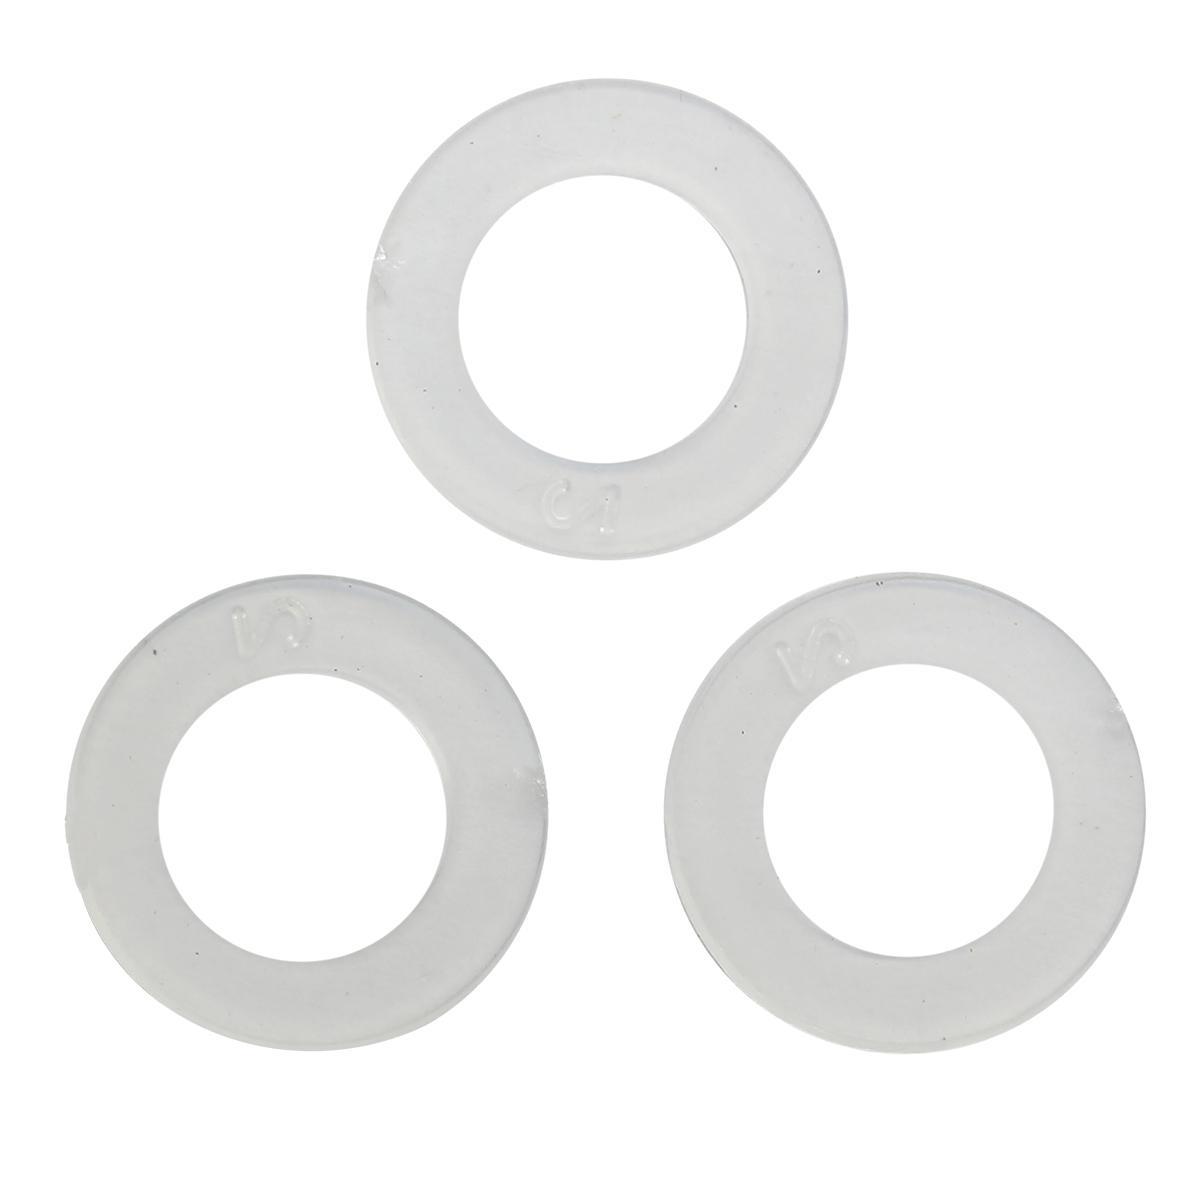 1781 Кольцо пласт. под люверс д-5мм ГР